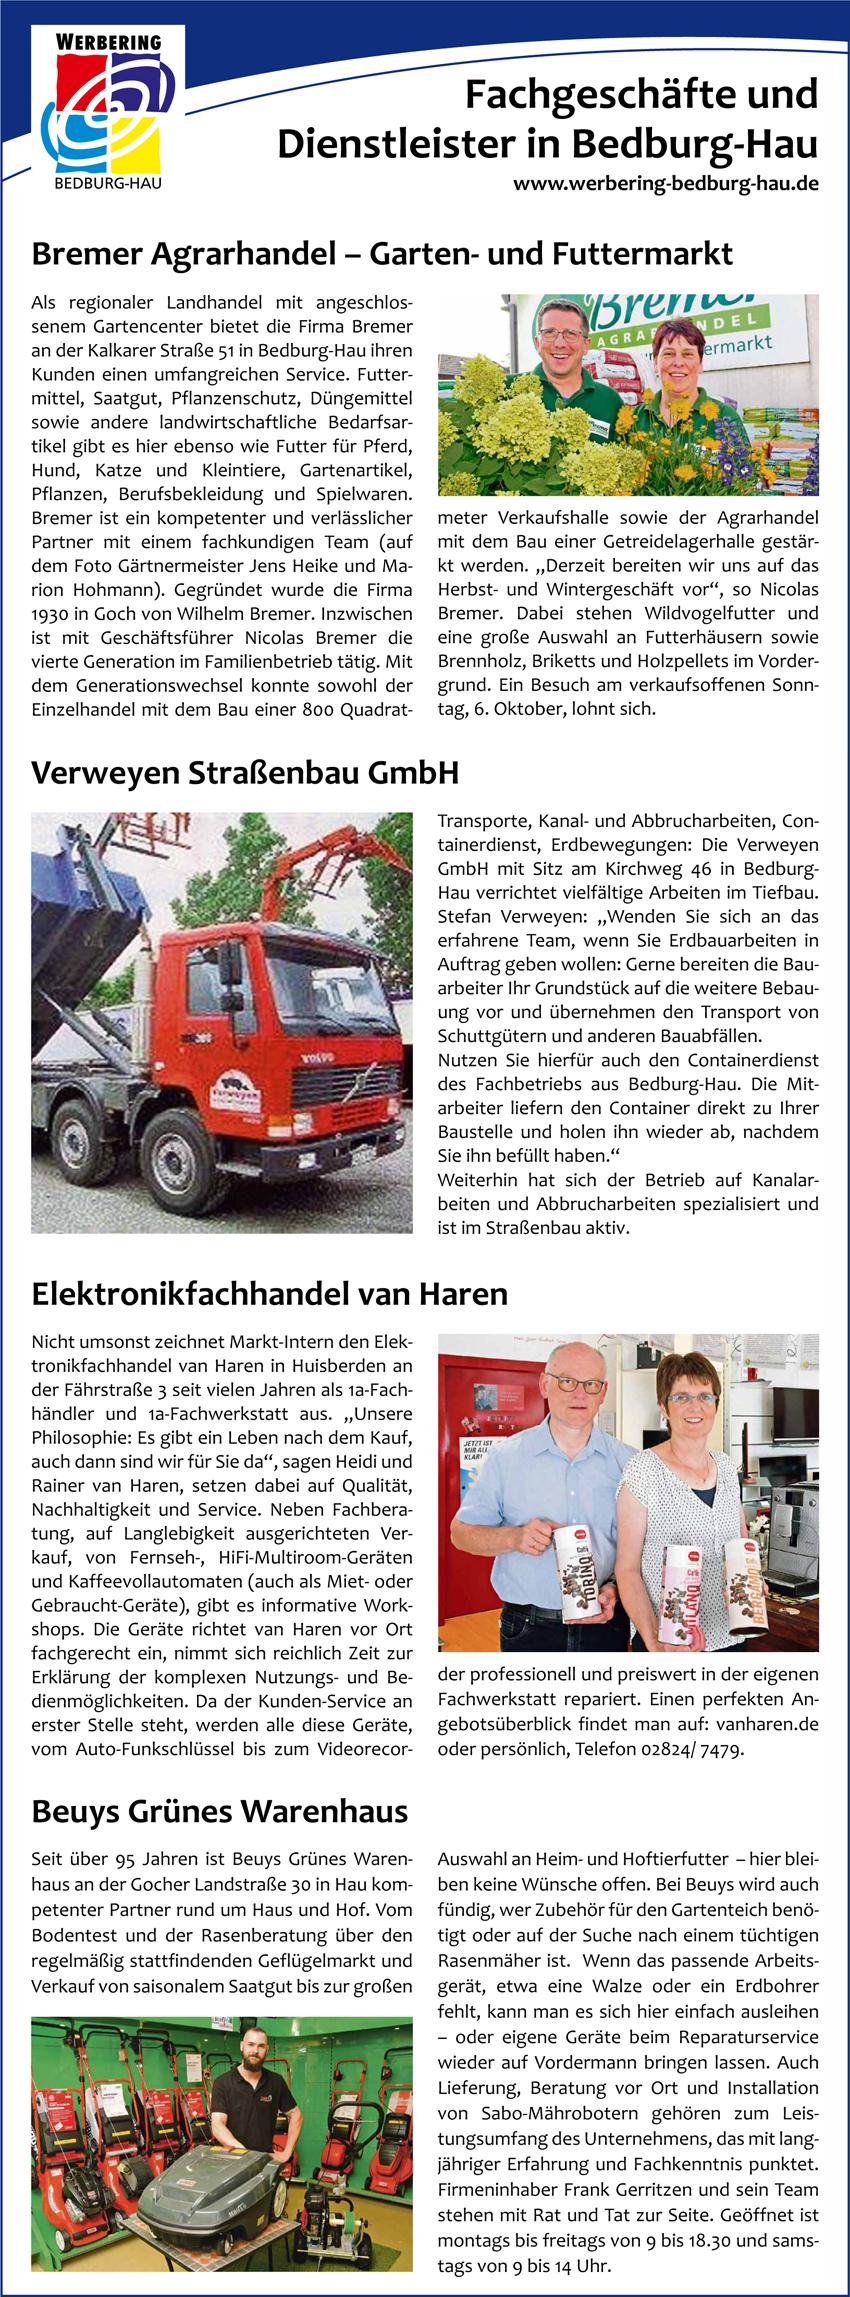 Verheyen, Bremer, Elektronikfachhandel van Haren und das Grüne Warenhaus Beuys sind vier von über 80 erfolgreichen Unternehmen des Werbering Bedburg-Hau.